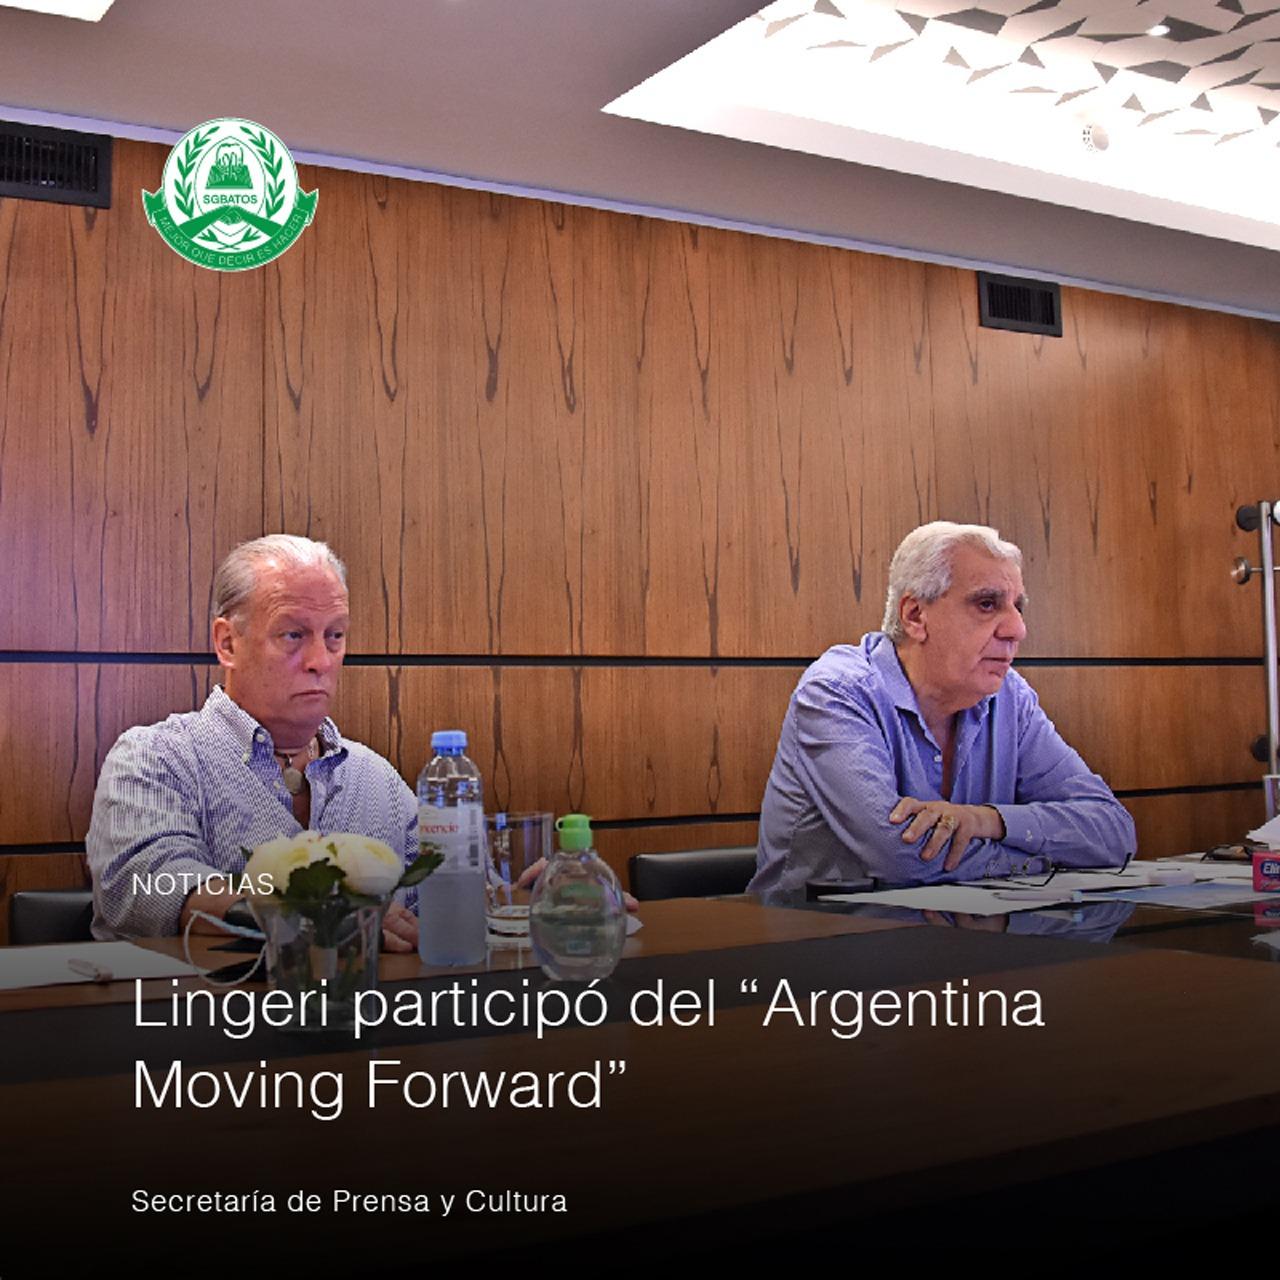 """Lingeri participó del """"Argentina Moving Forward"""""""